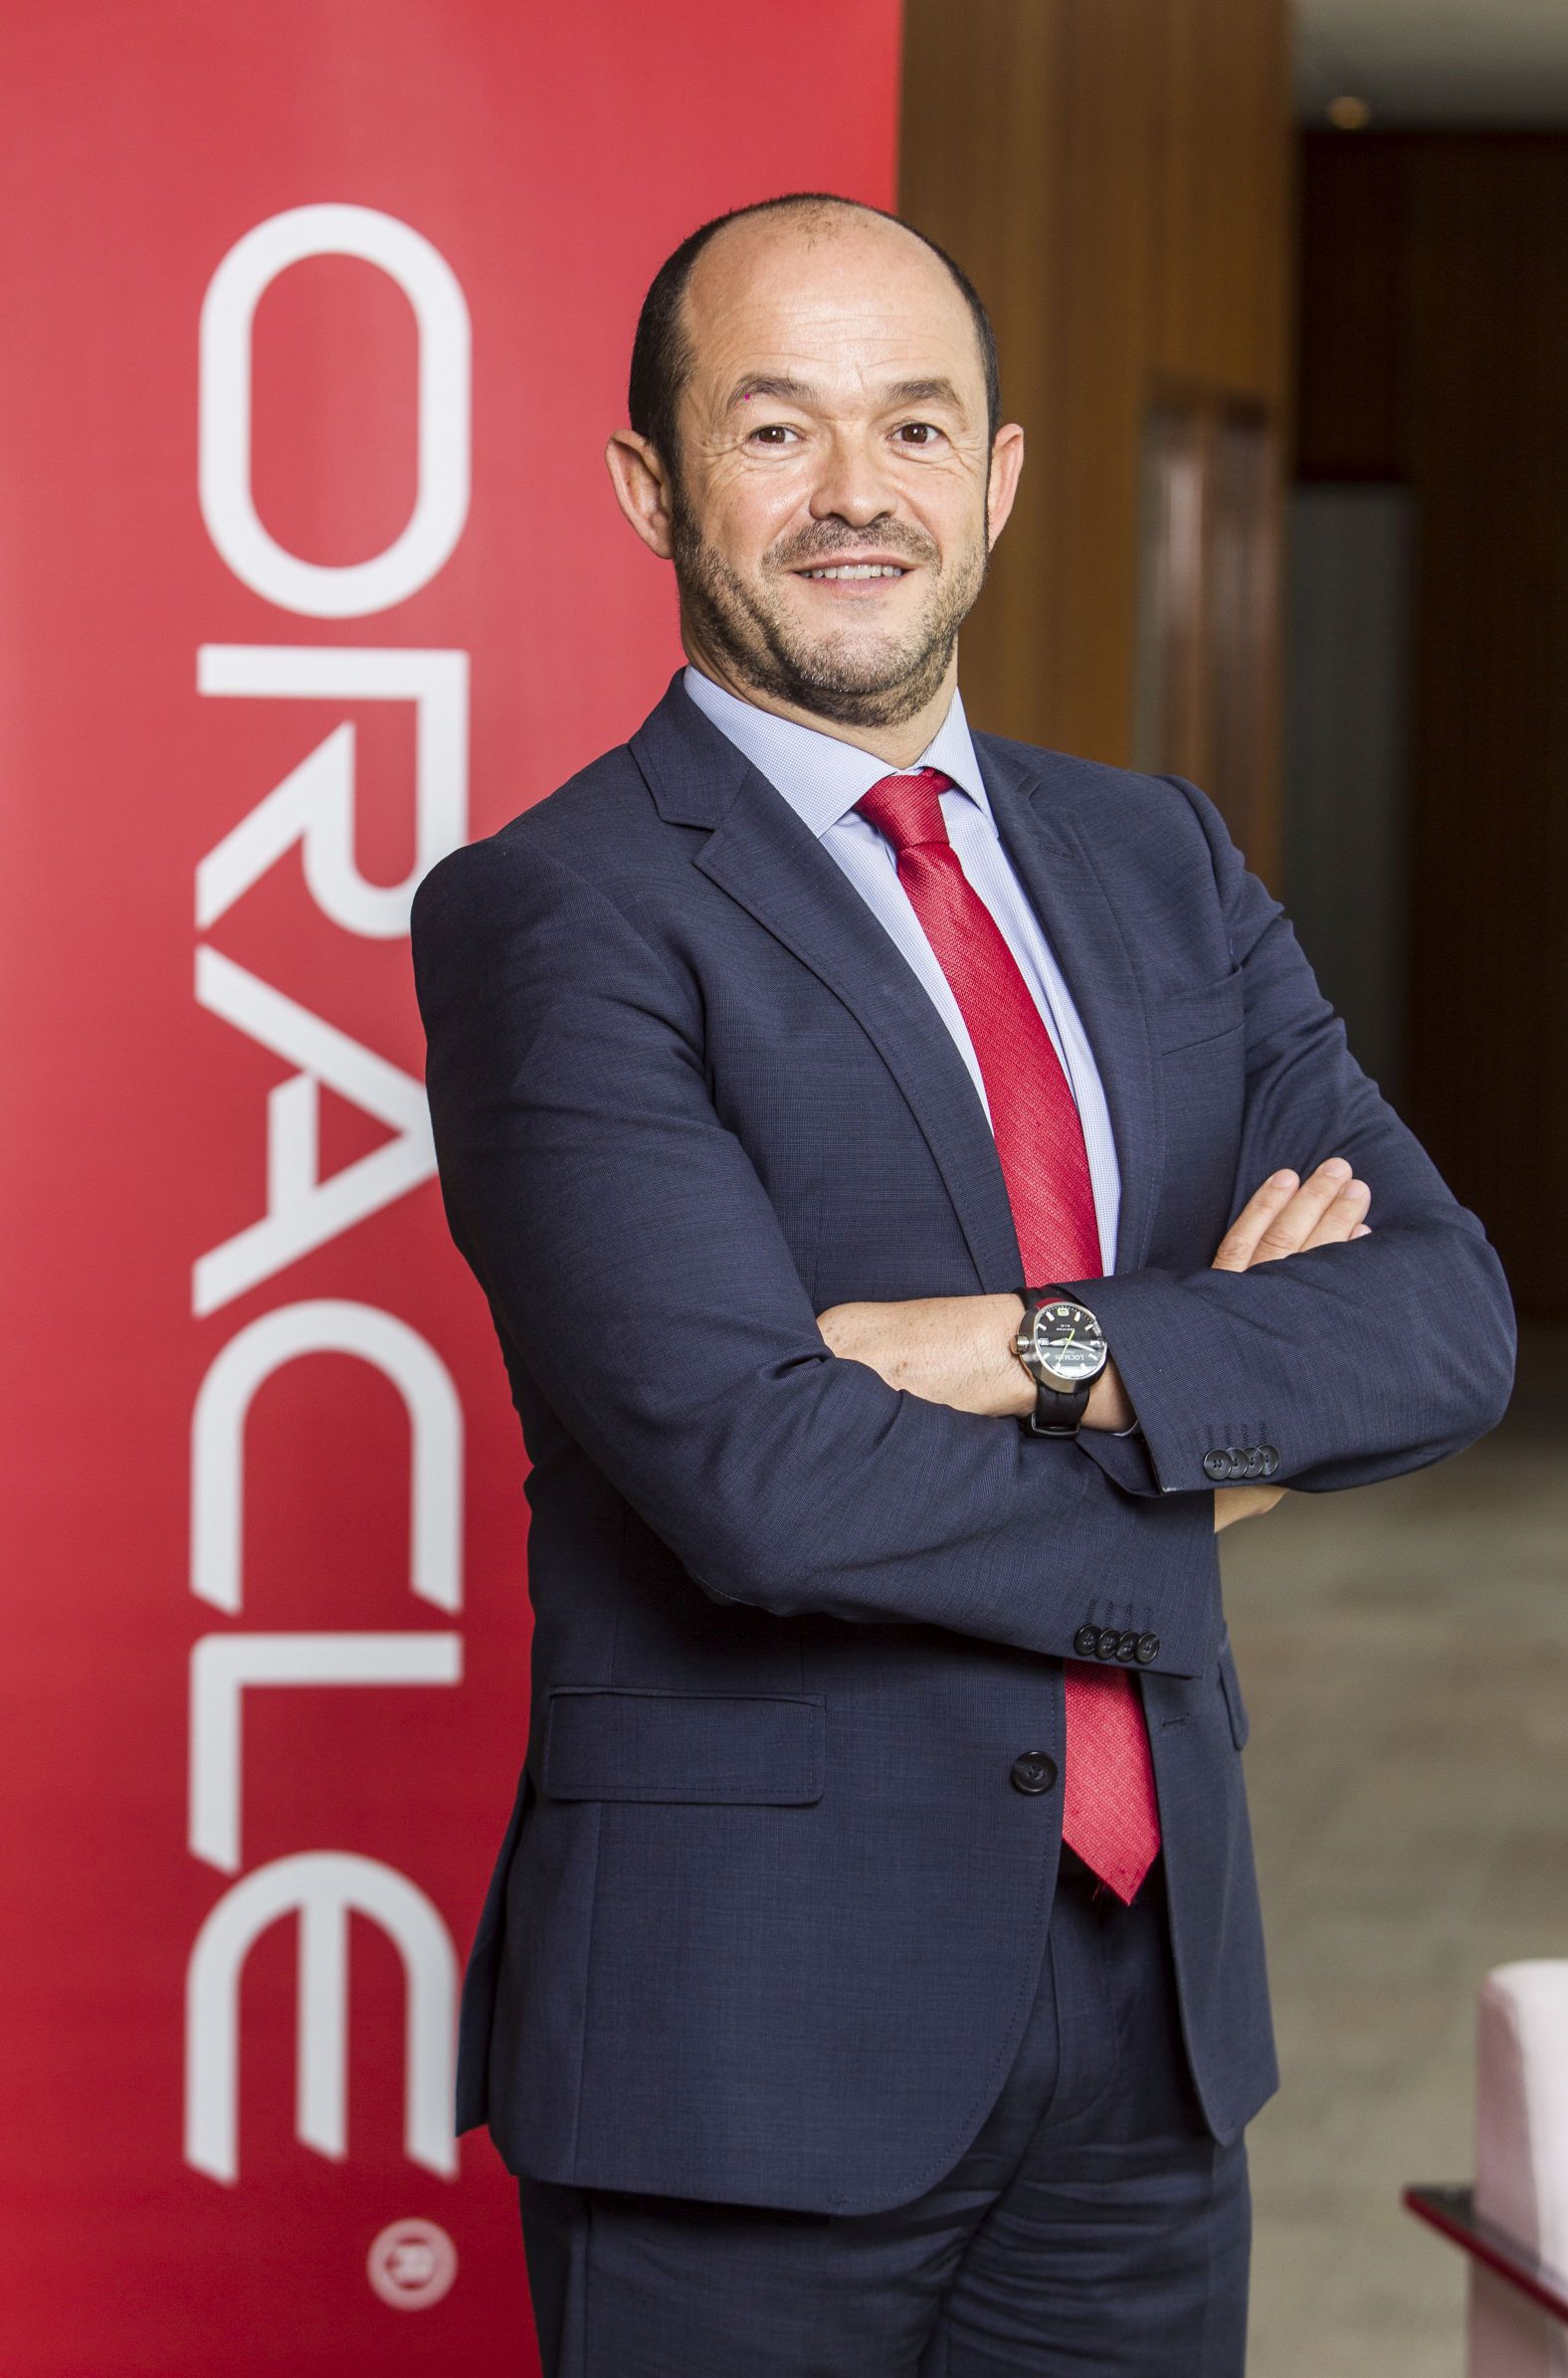 Miguel Salgado, director de Alianzas y Canal de Oracle Iberia en el área de Tecnología y Sistemas